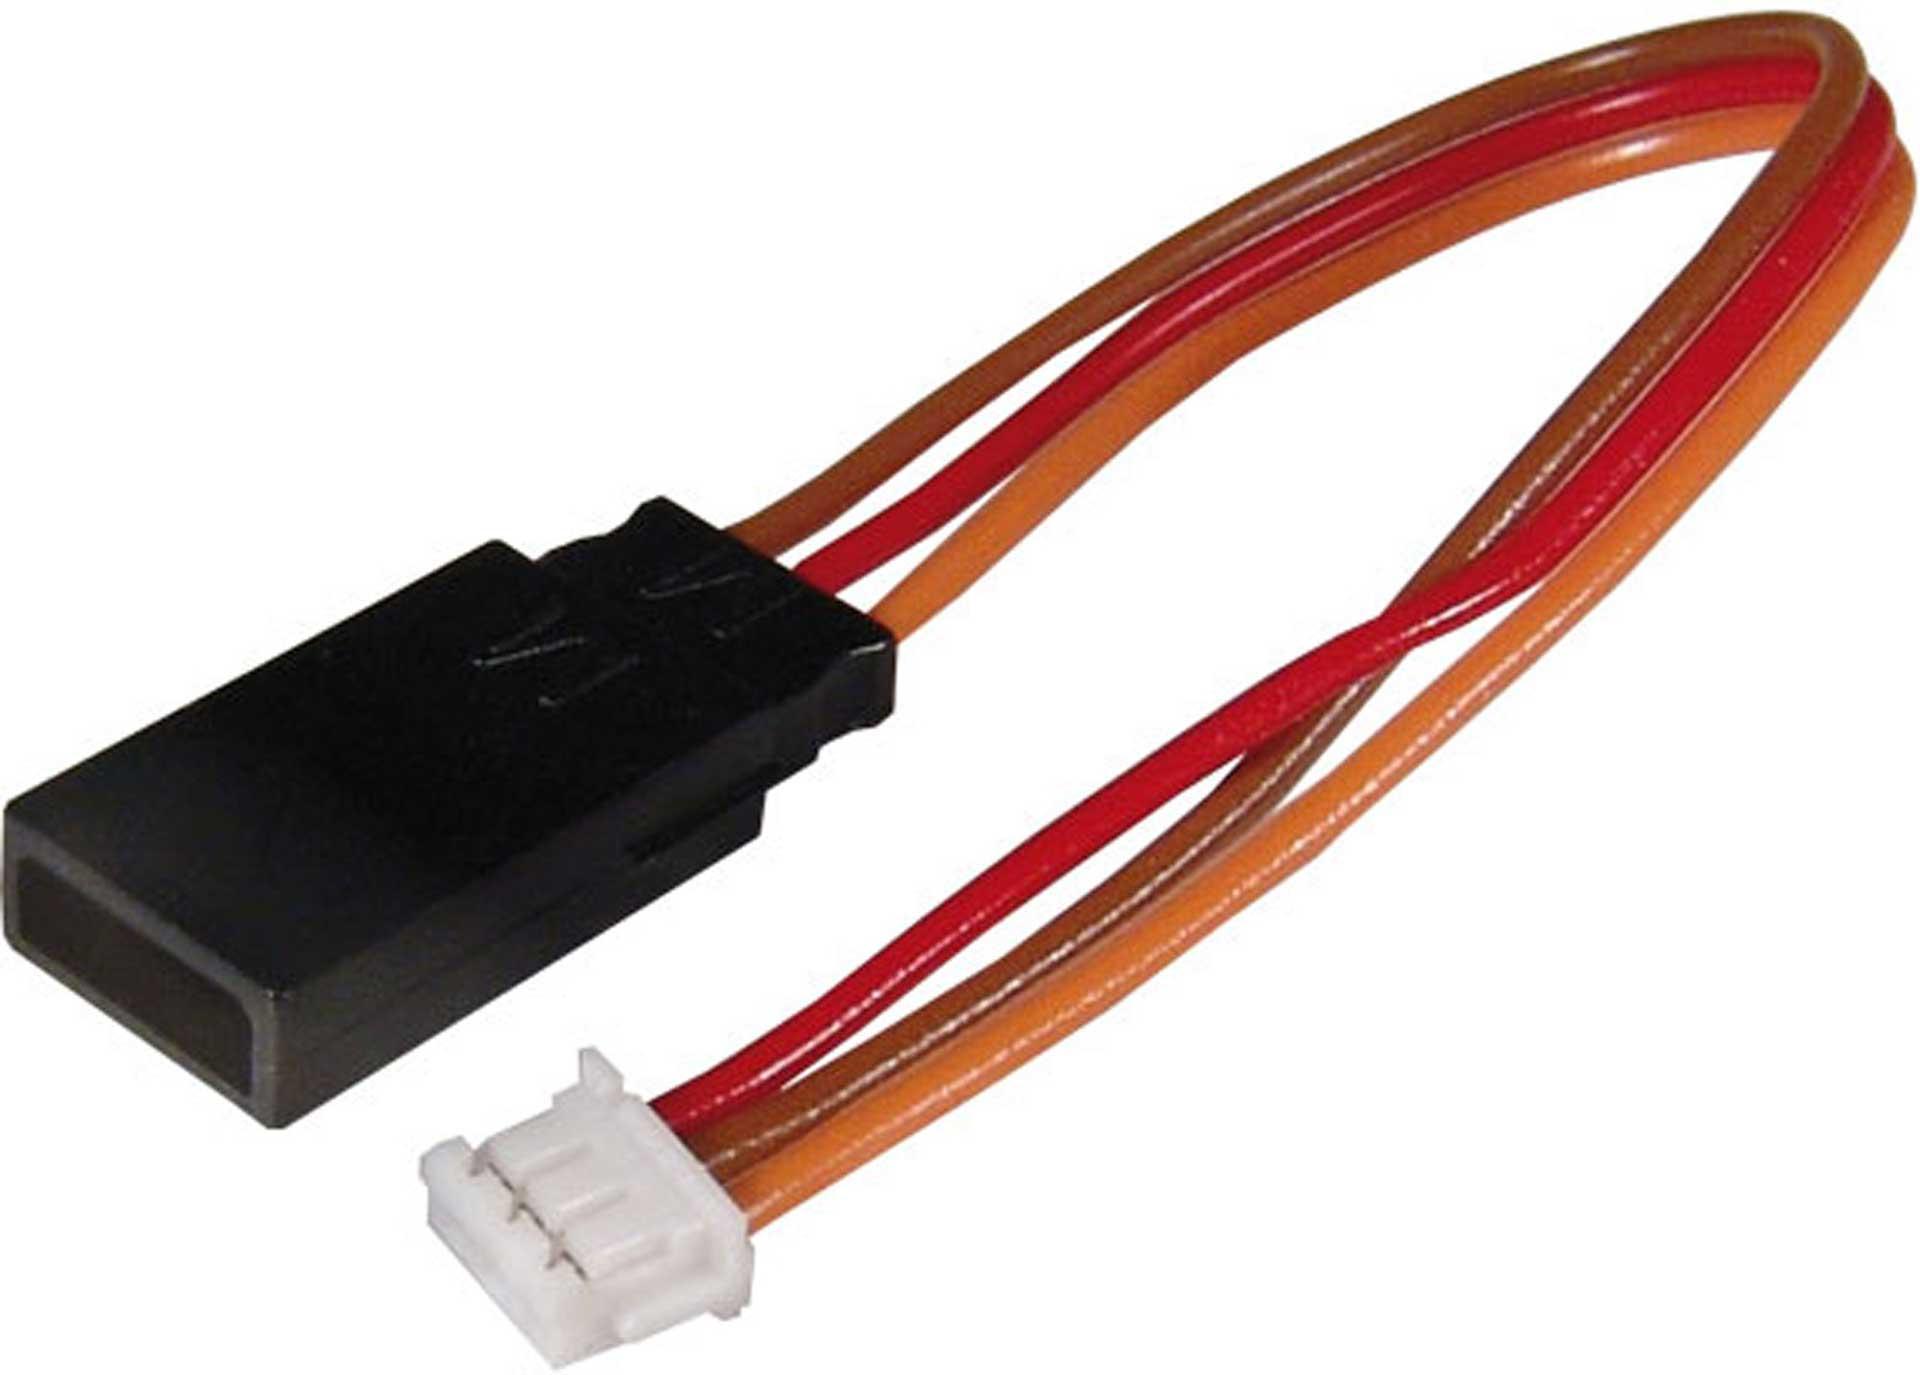 Muldental ADAPTATEUR JST (ZH) CONNECTEURS 10CM 0,14MM²